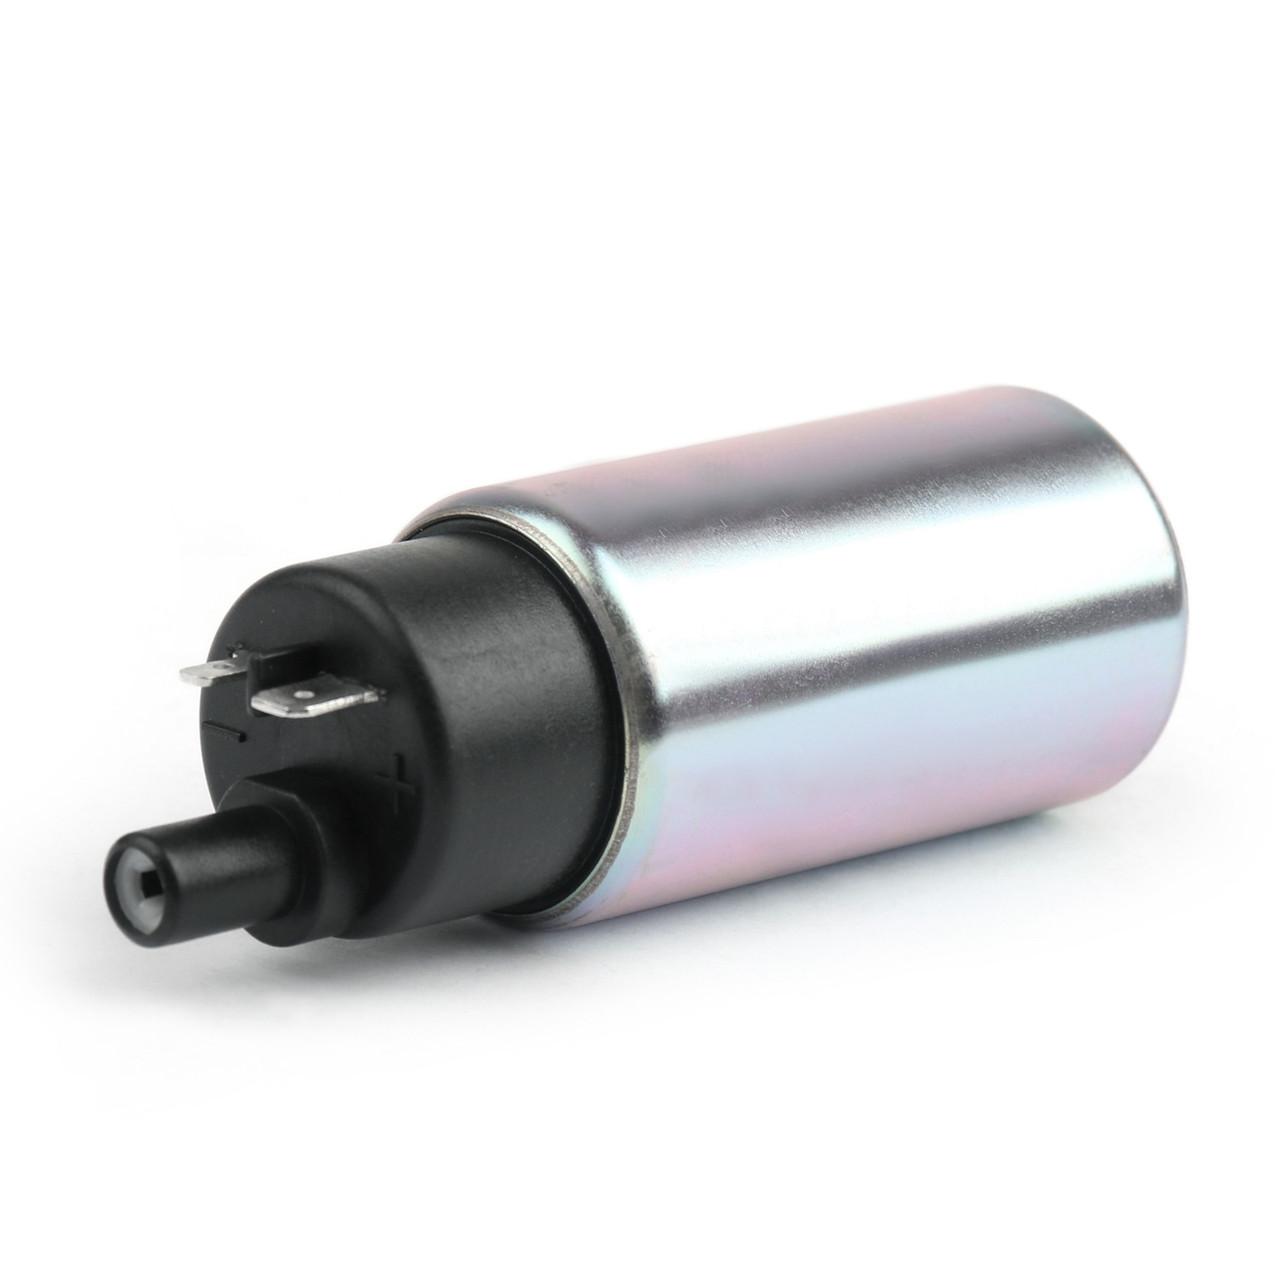 Fuel Pump For HUSQVARNA TE310 09-13 TE250 08-10 TE449 11-13 NUDA 900R TE610 07 08 09 TE510 07-11 TE125 08-12 SMR630 10 SMR511 11 SMR510 08-10 Silver